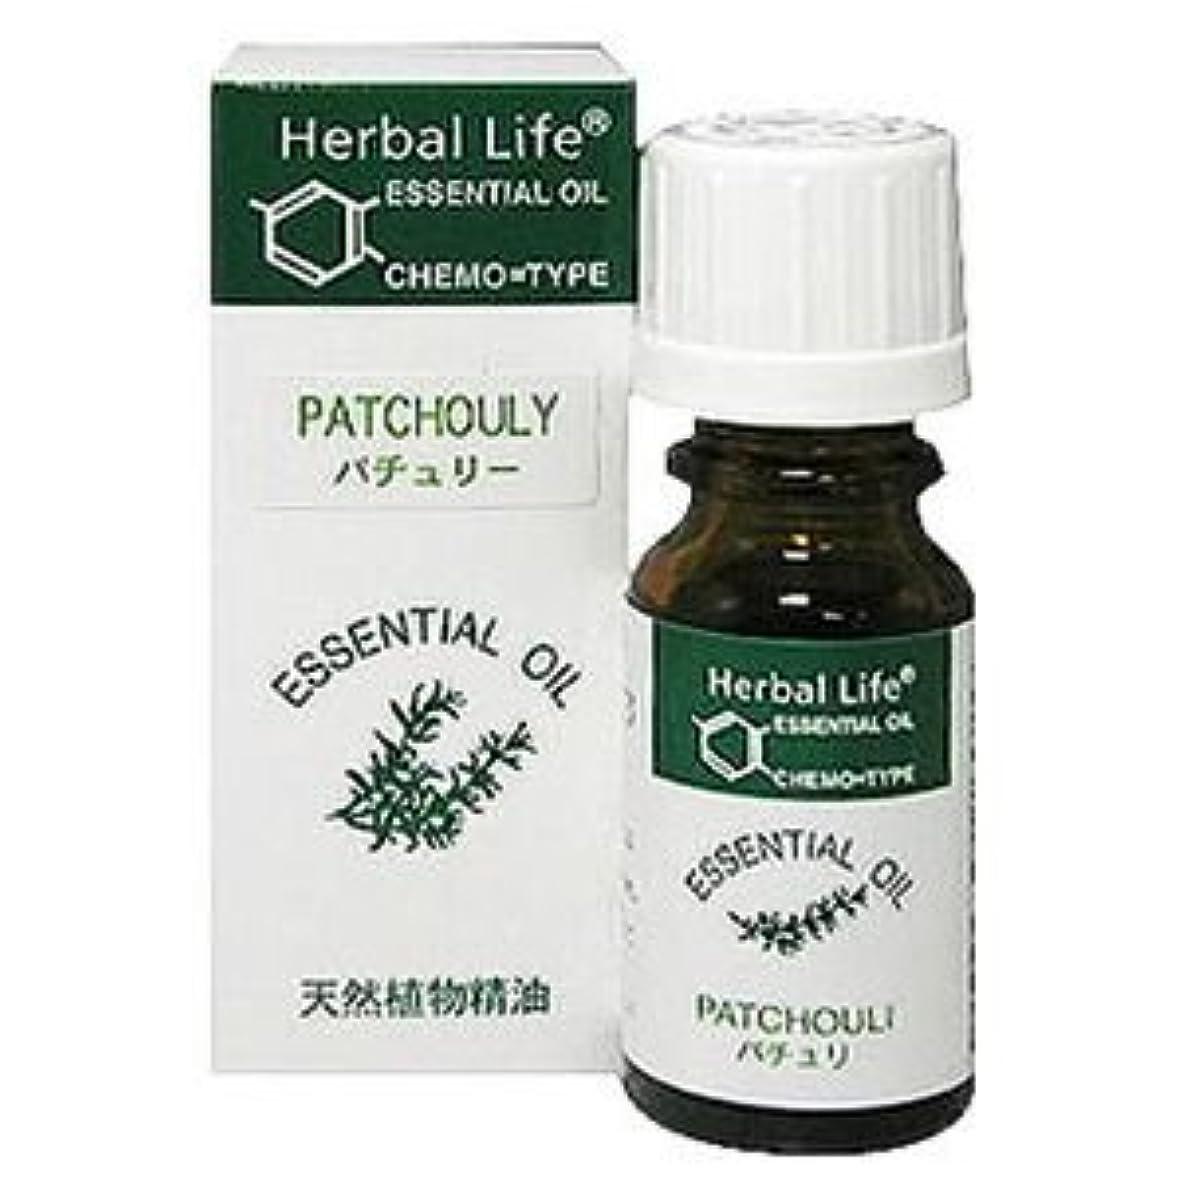 トレイル眠いです感嘆符Herbal Life パチュリー 10ml